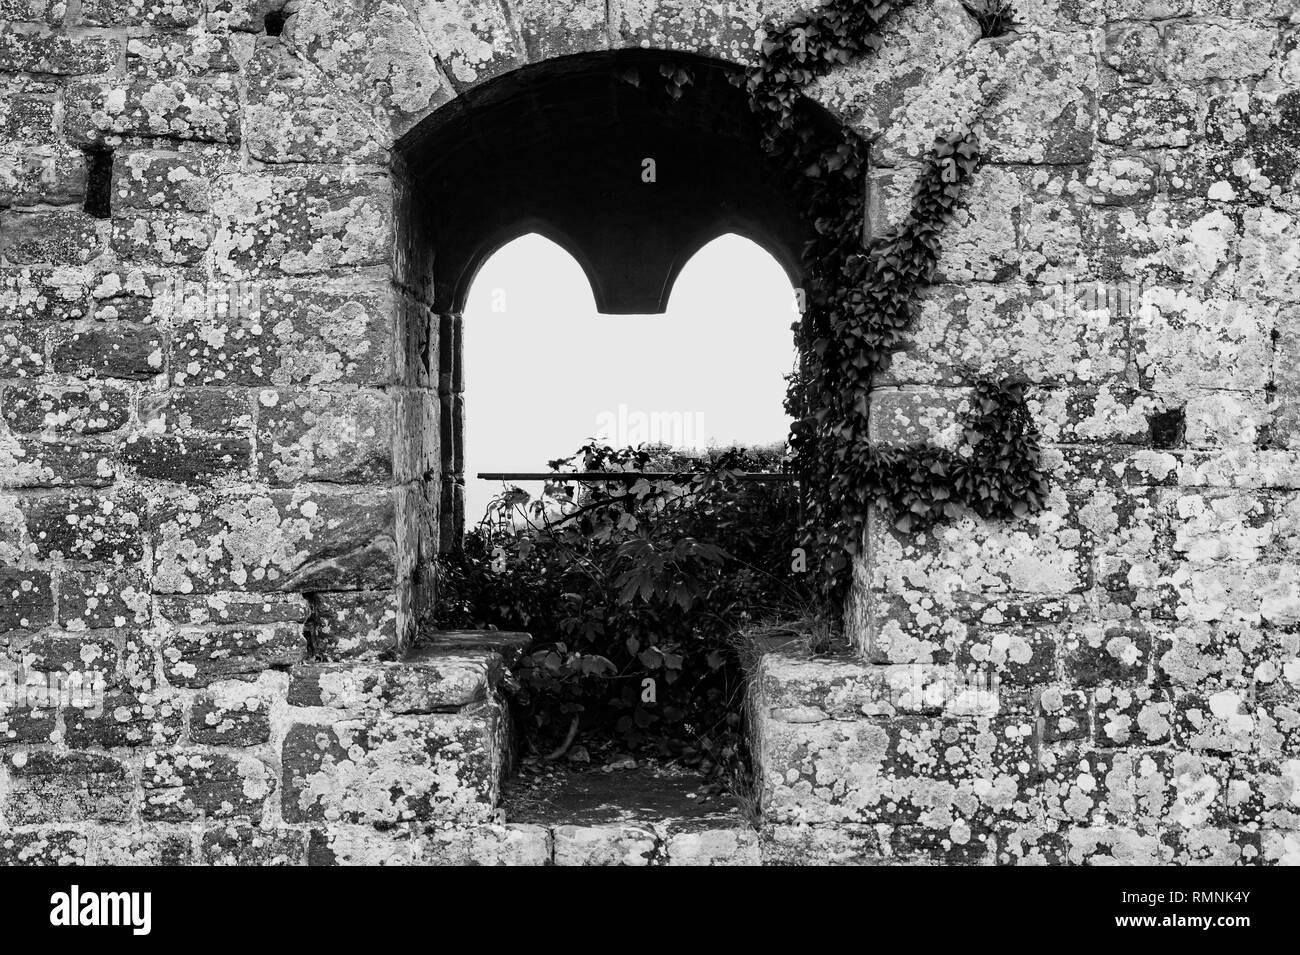 Fenster einer Burgruine - Stock Image